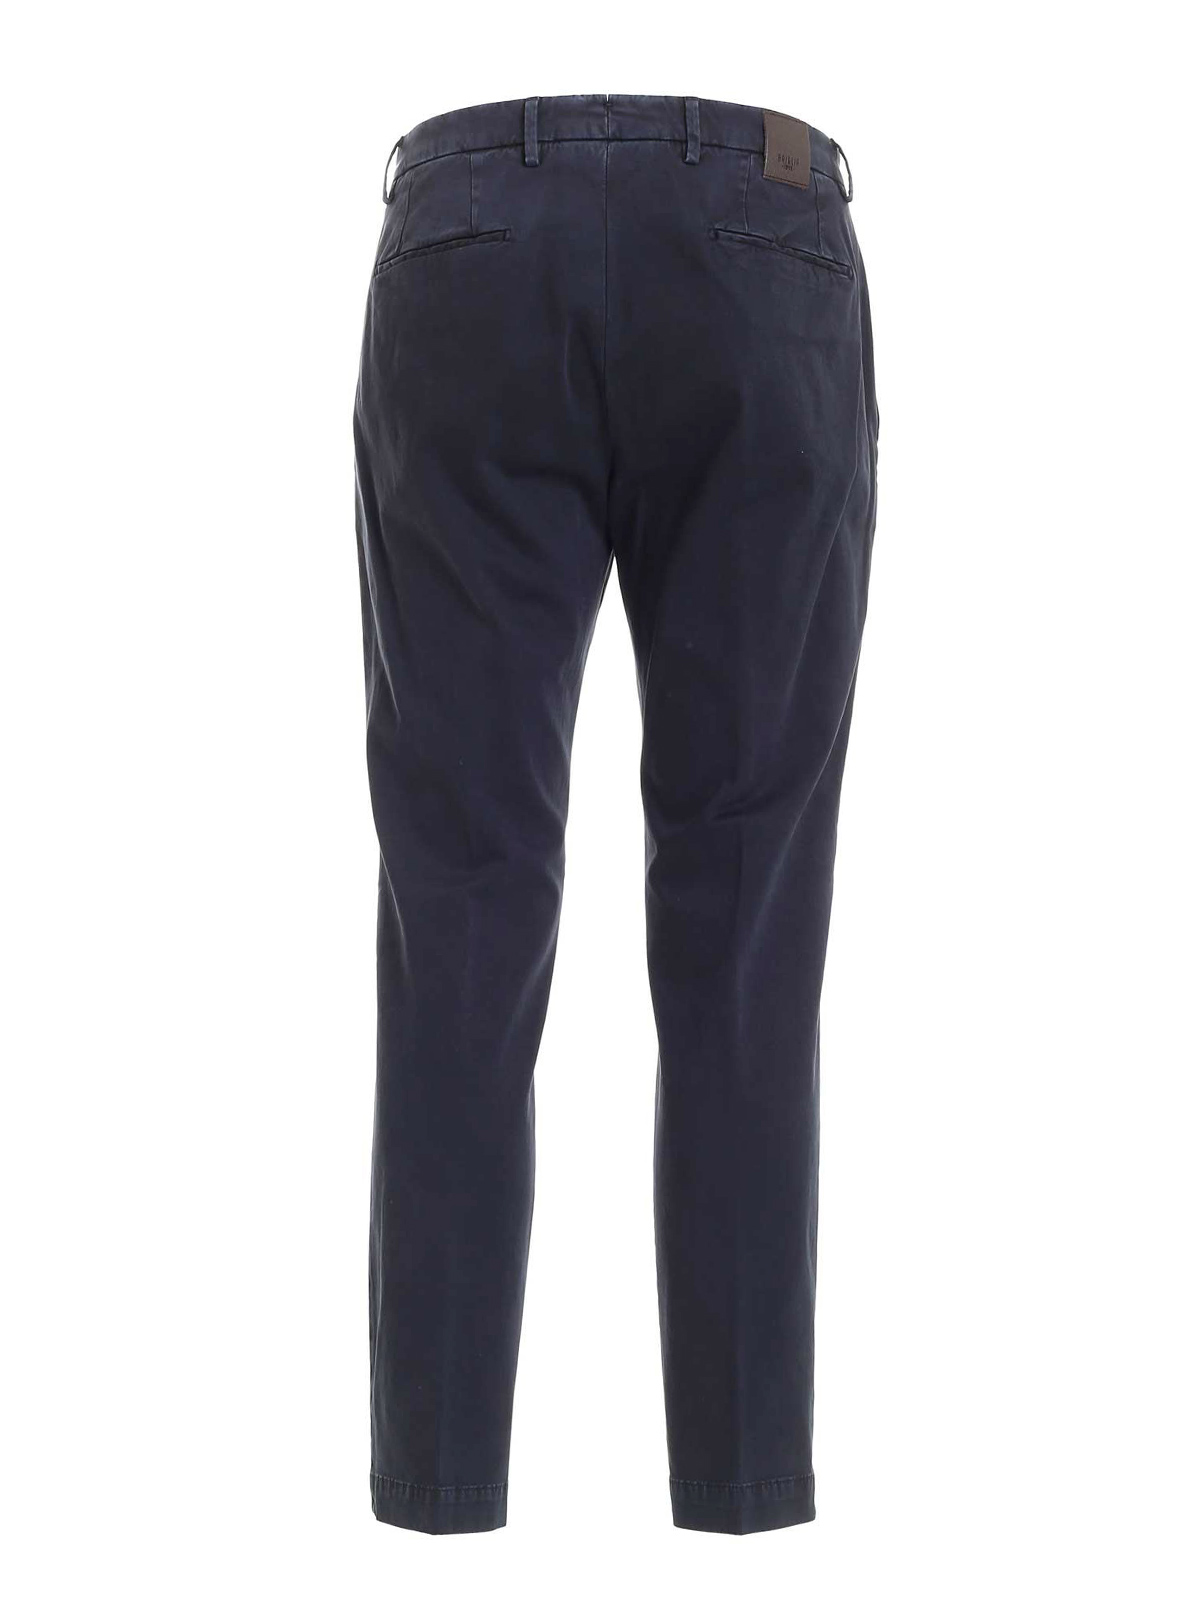 Immagine di BRIGLIA 1949 | Pantalone Uomo in Cotone Slim Fit